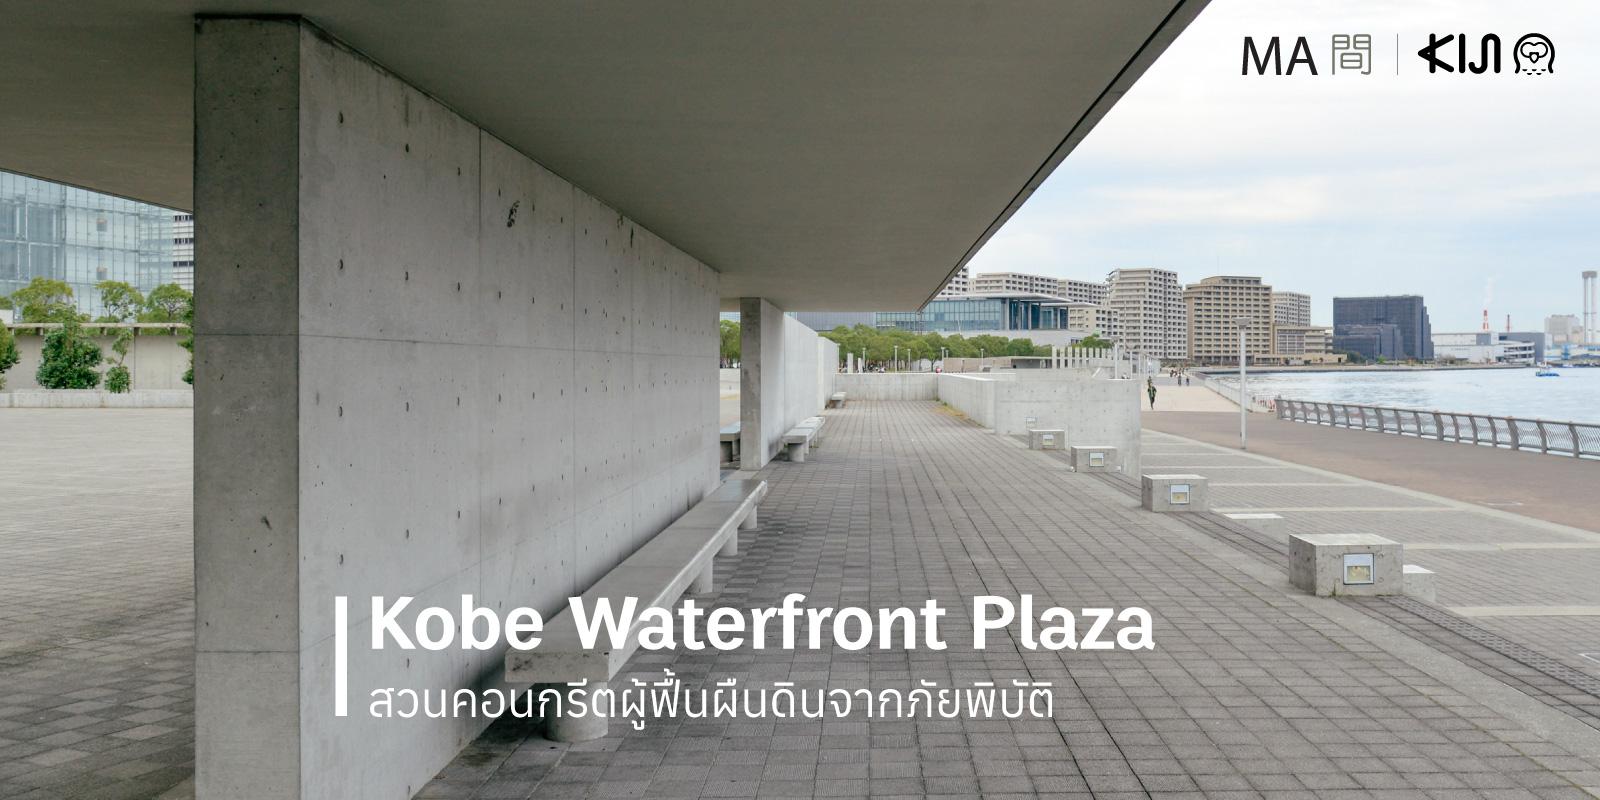 Kobe Waterfront Plaza, Hyogo